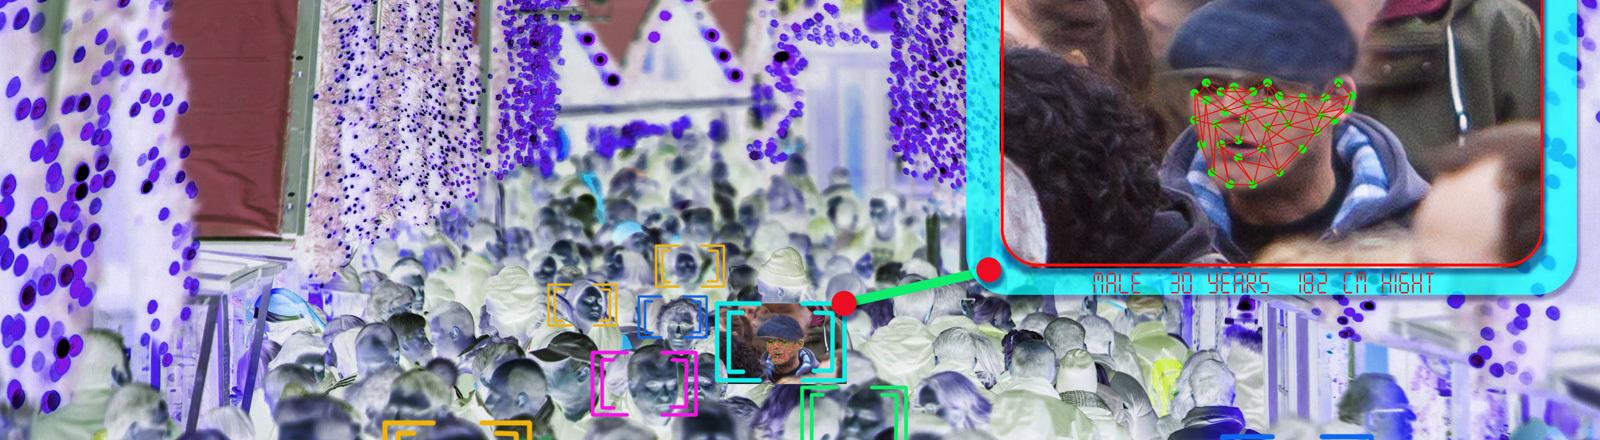 Ein Beispiel, wie Gesichtserkennungssoftware funktionieren könnte. Aus einer großen Menschenmenge wird ein Gesicht gescannt und anhand mehrerer Pixelpunkte spezifiziert.